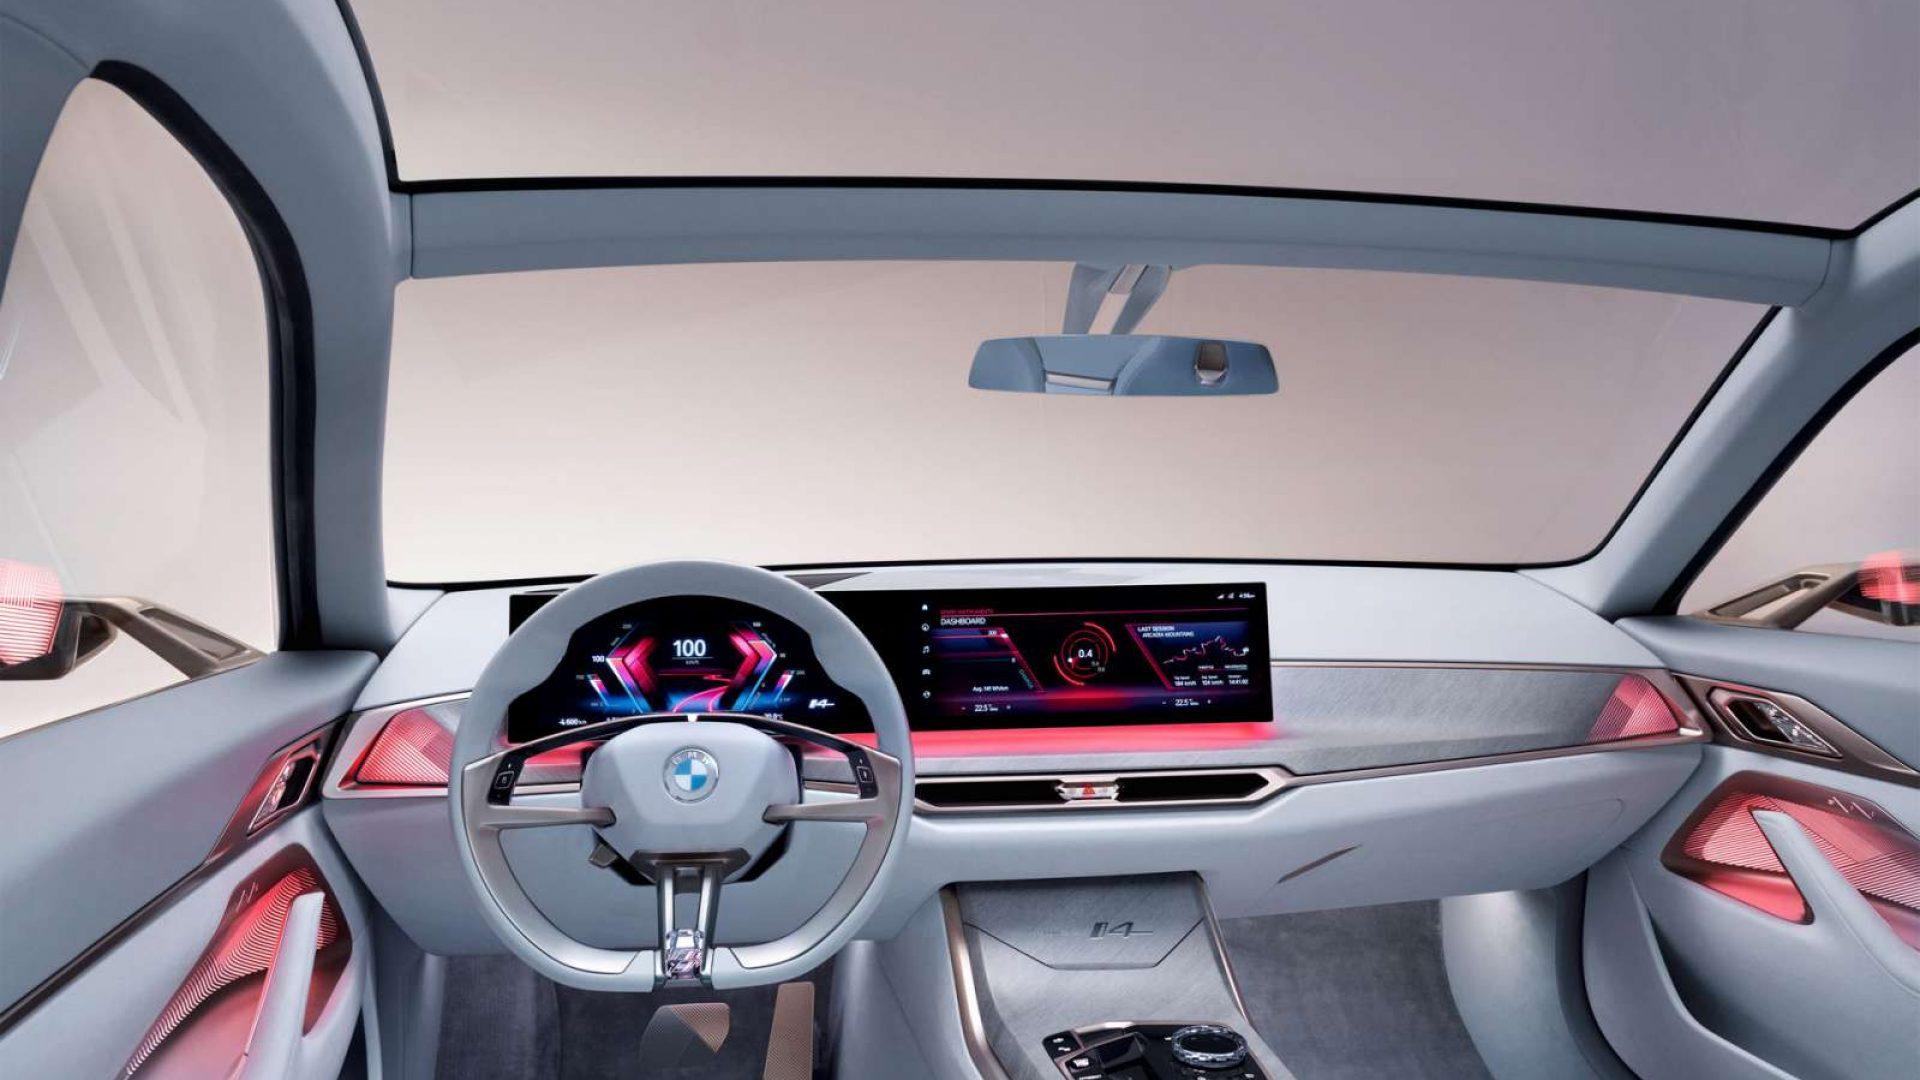 2020-BMW-Concept-i4-Interior-04